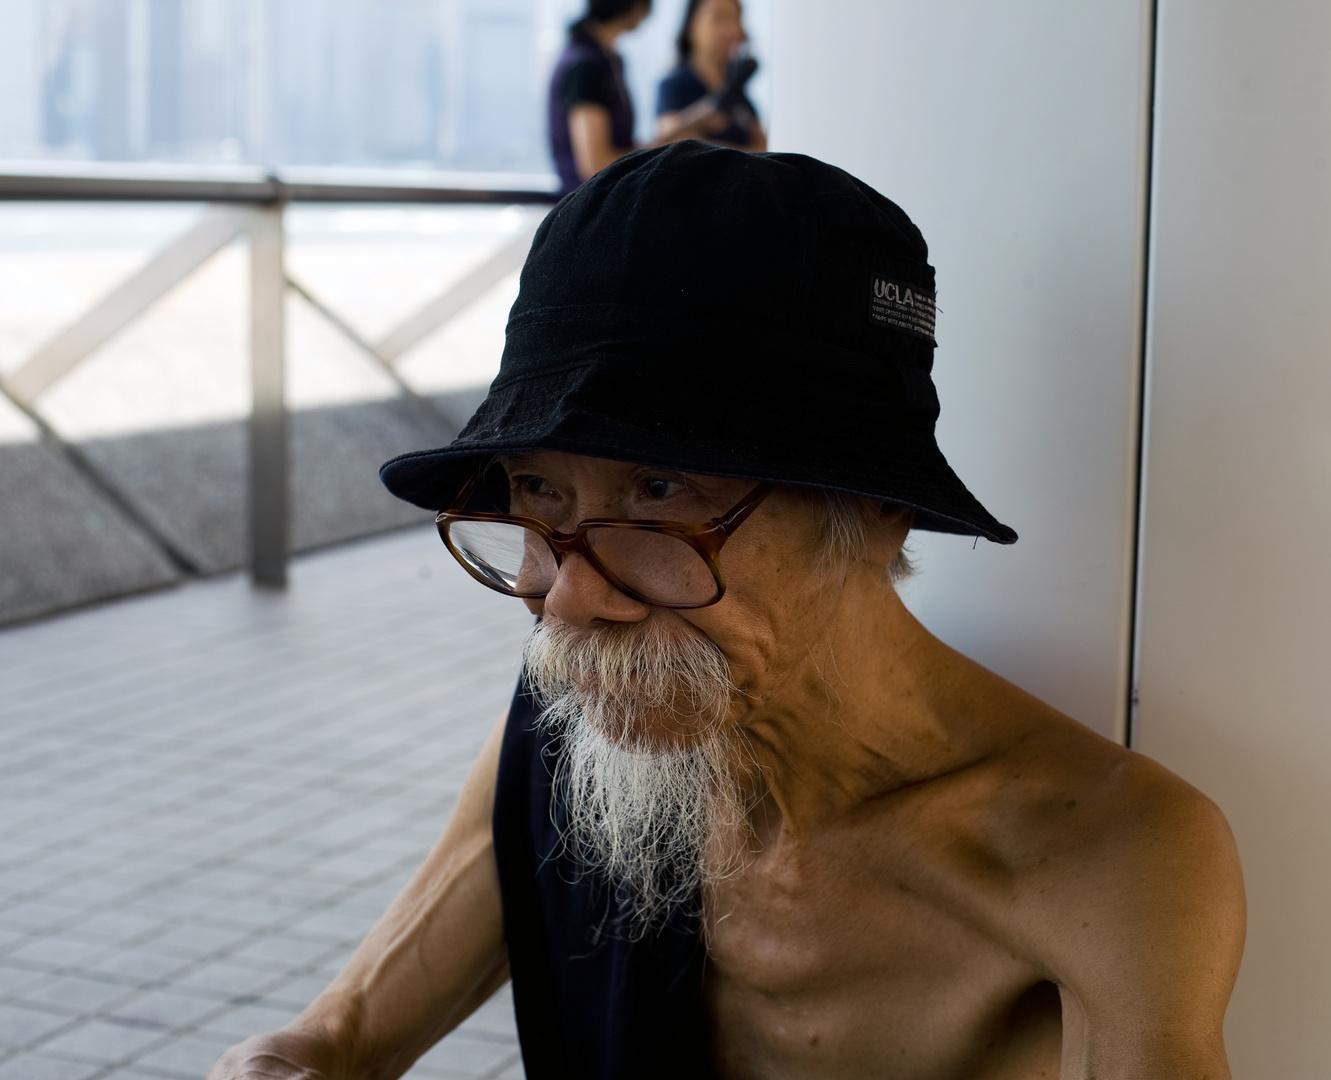 An old man from Hongkong